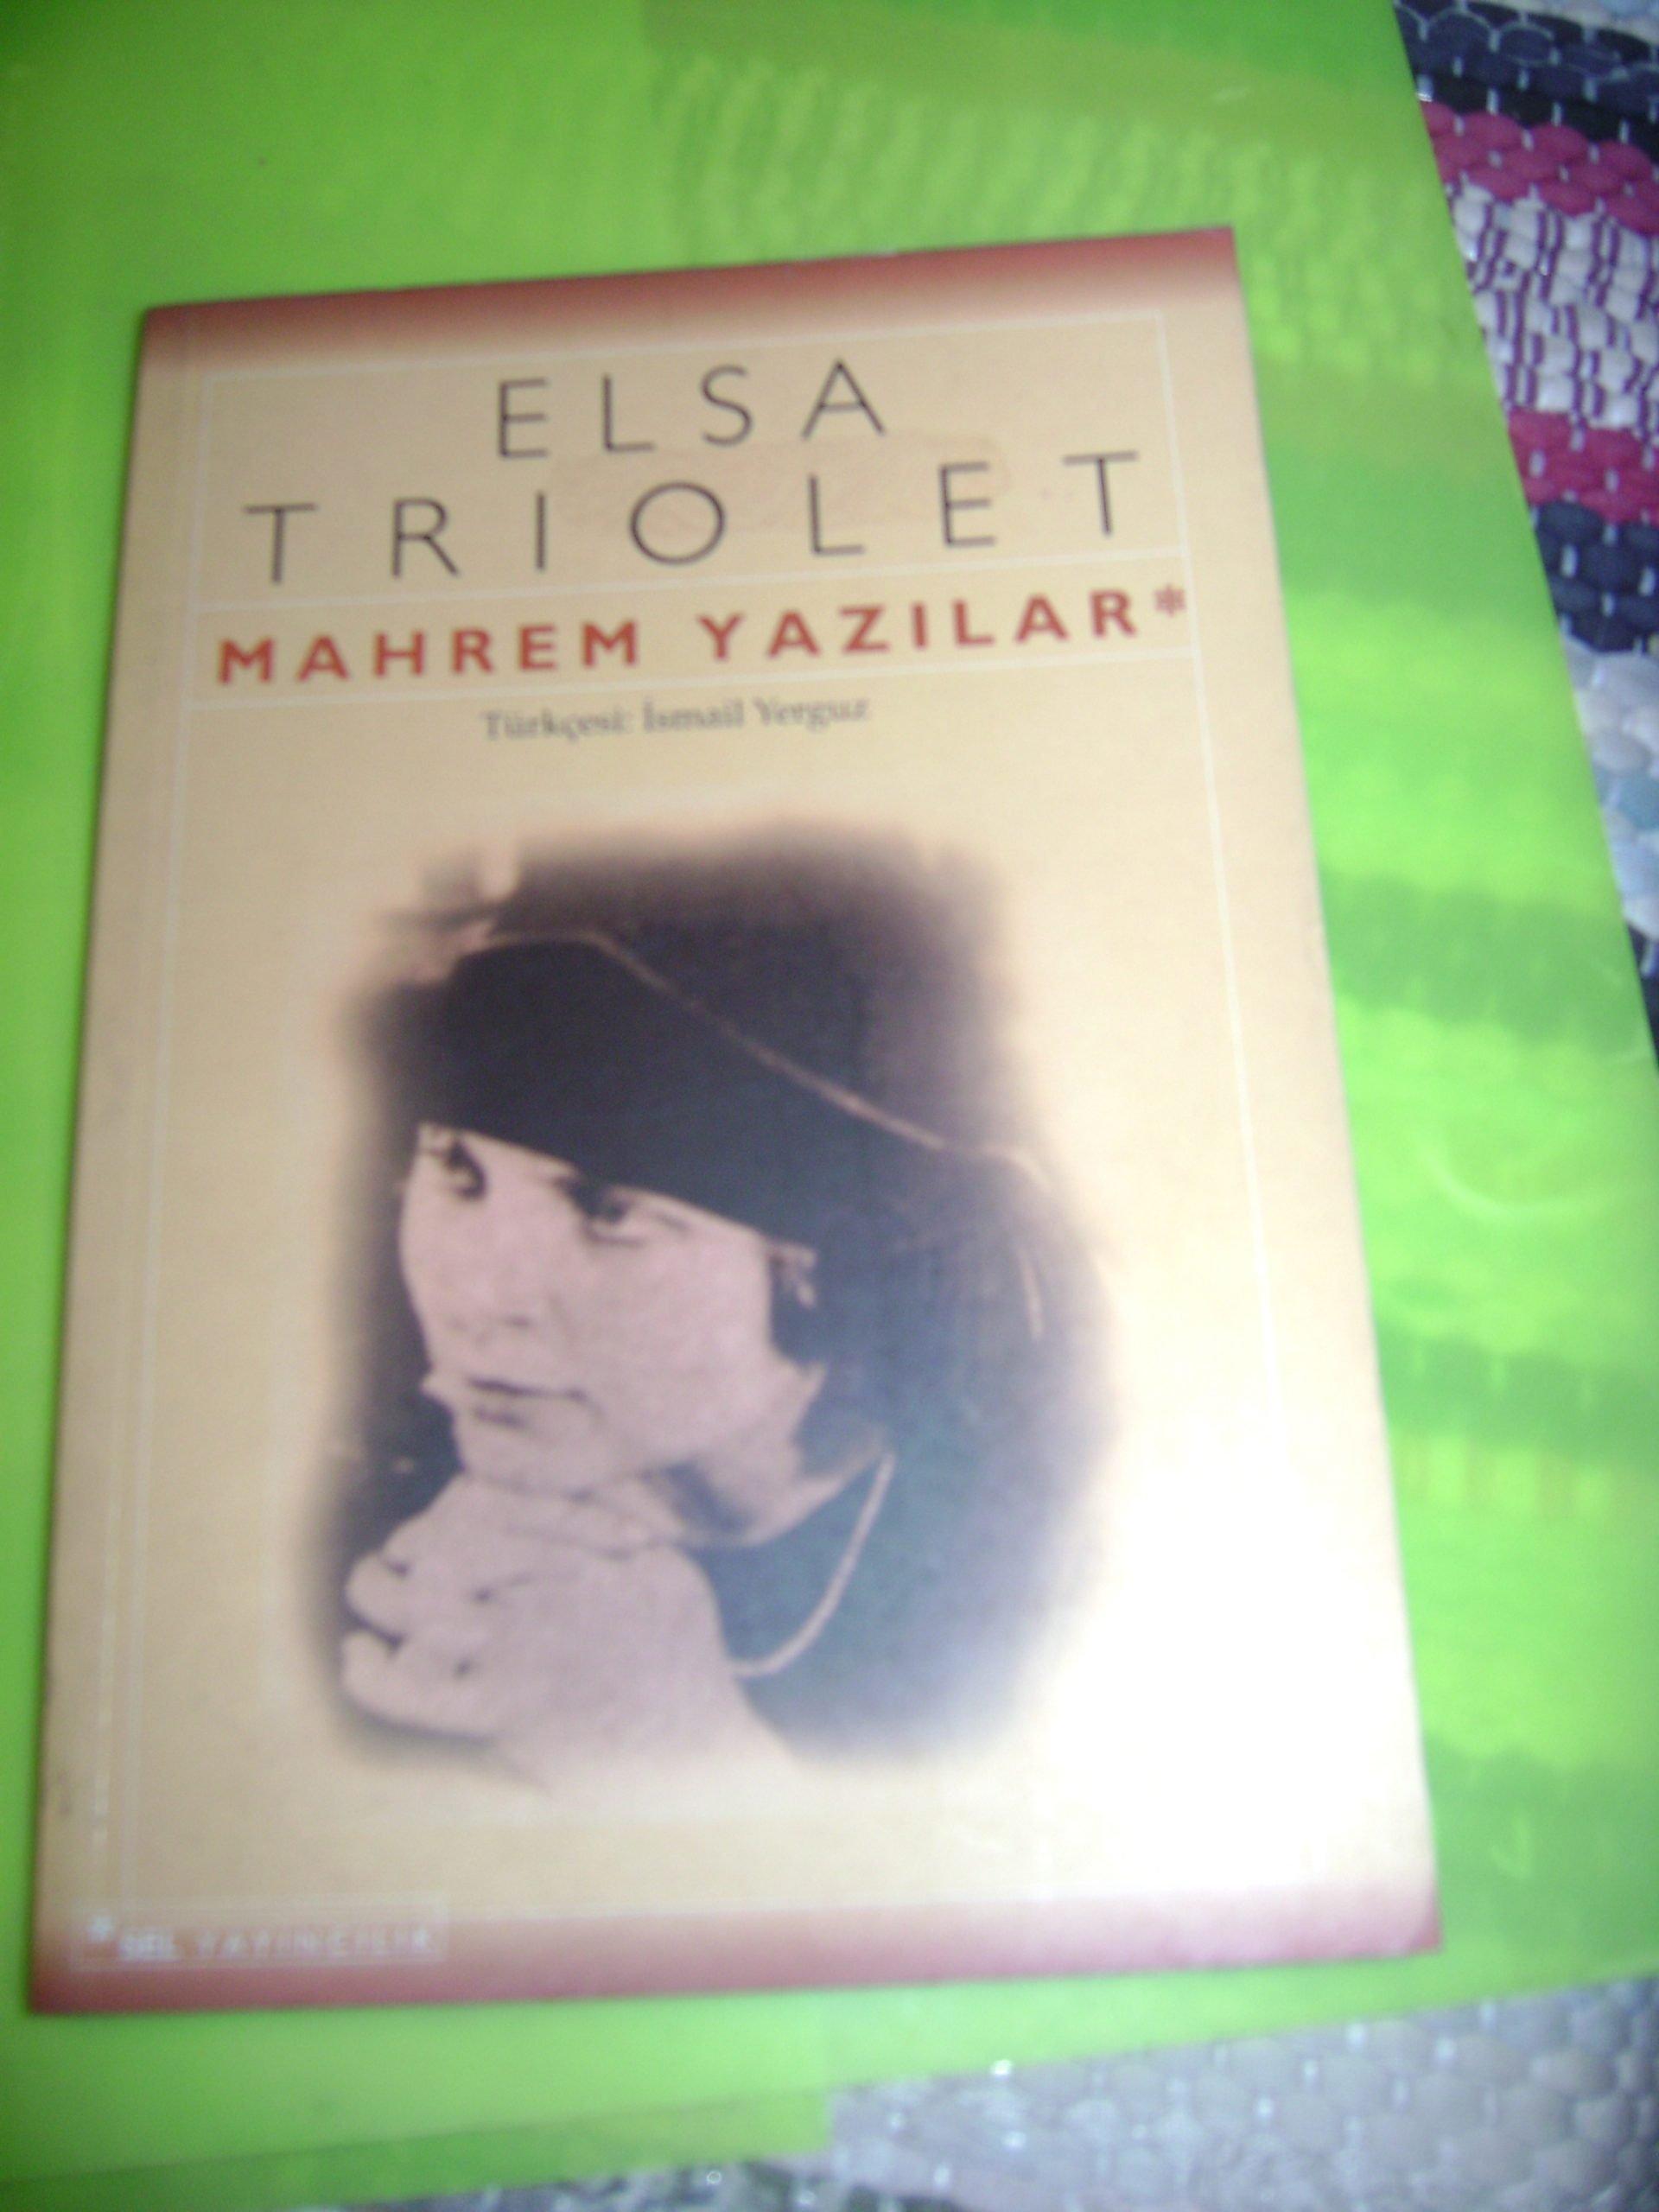 MAHREM YAZILAR& Elsa Trıolet/10 TL